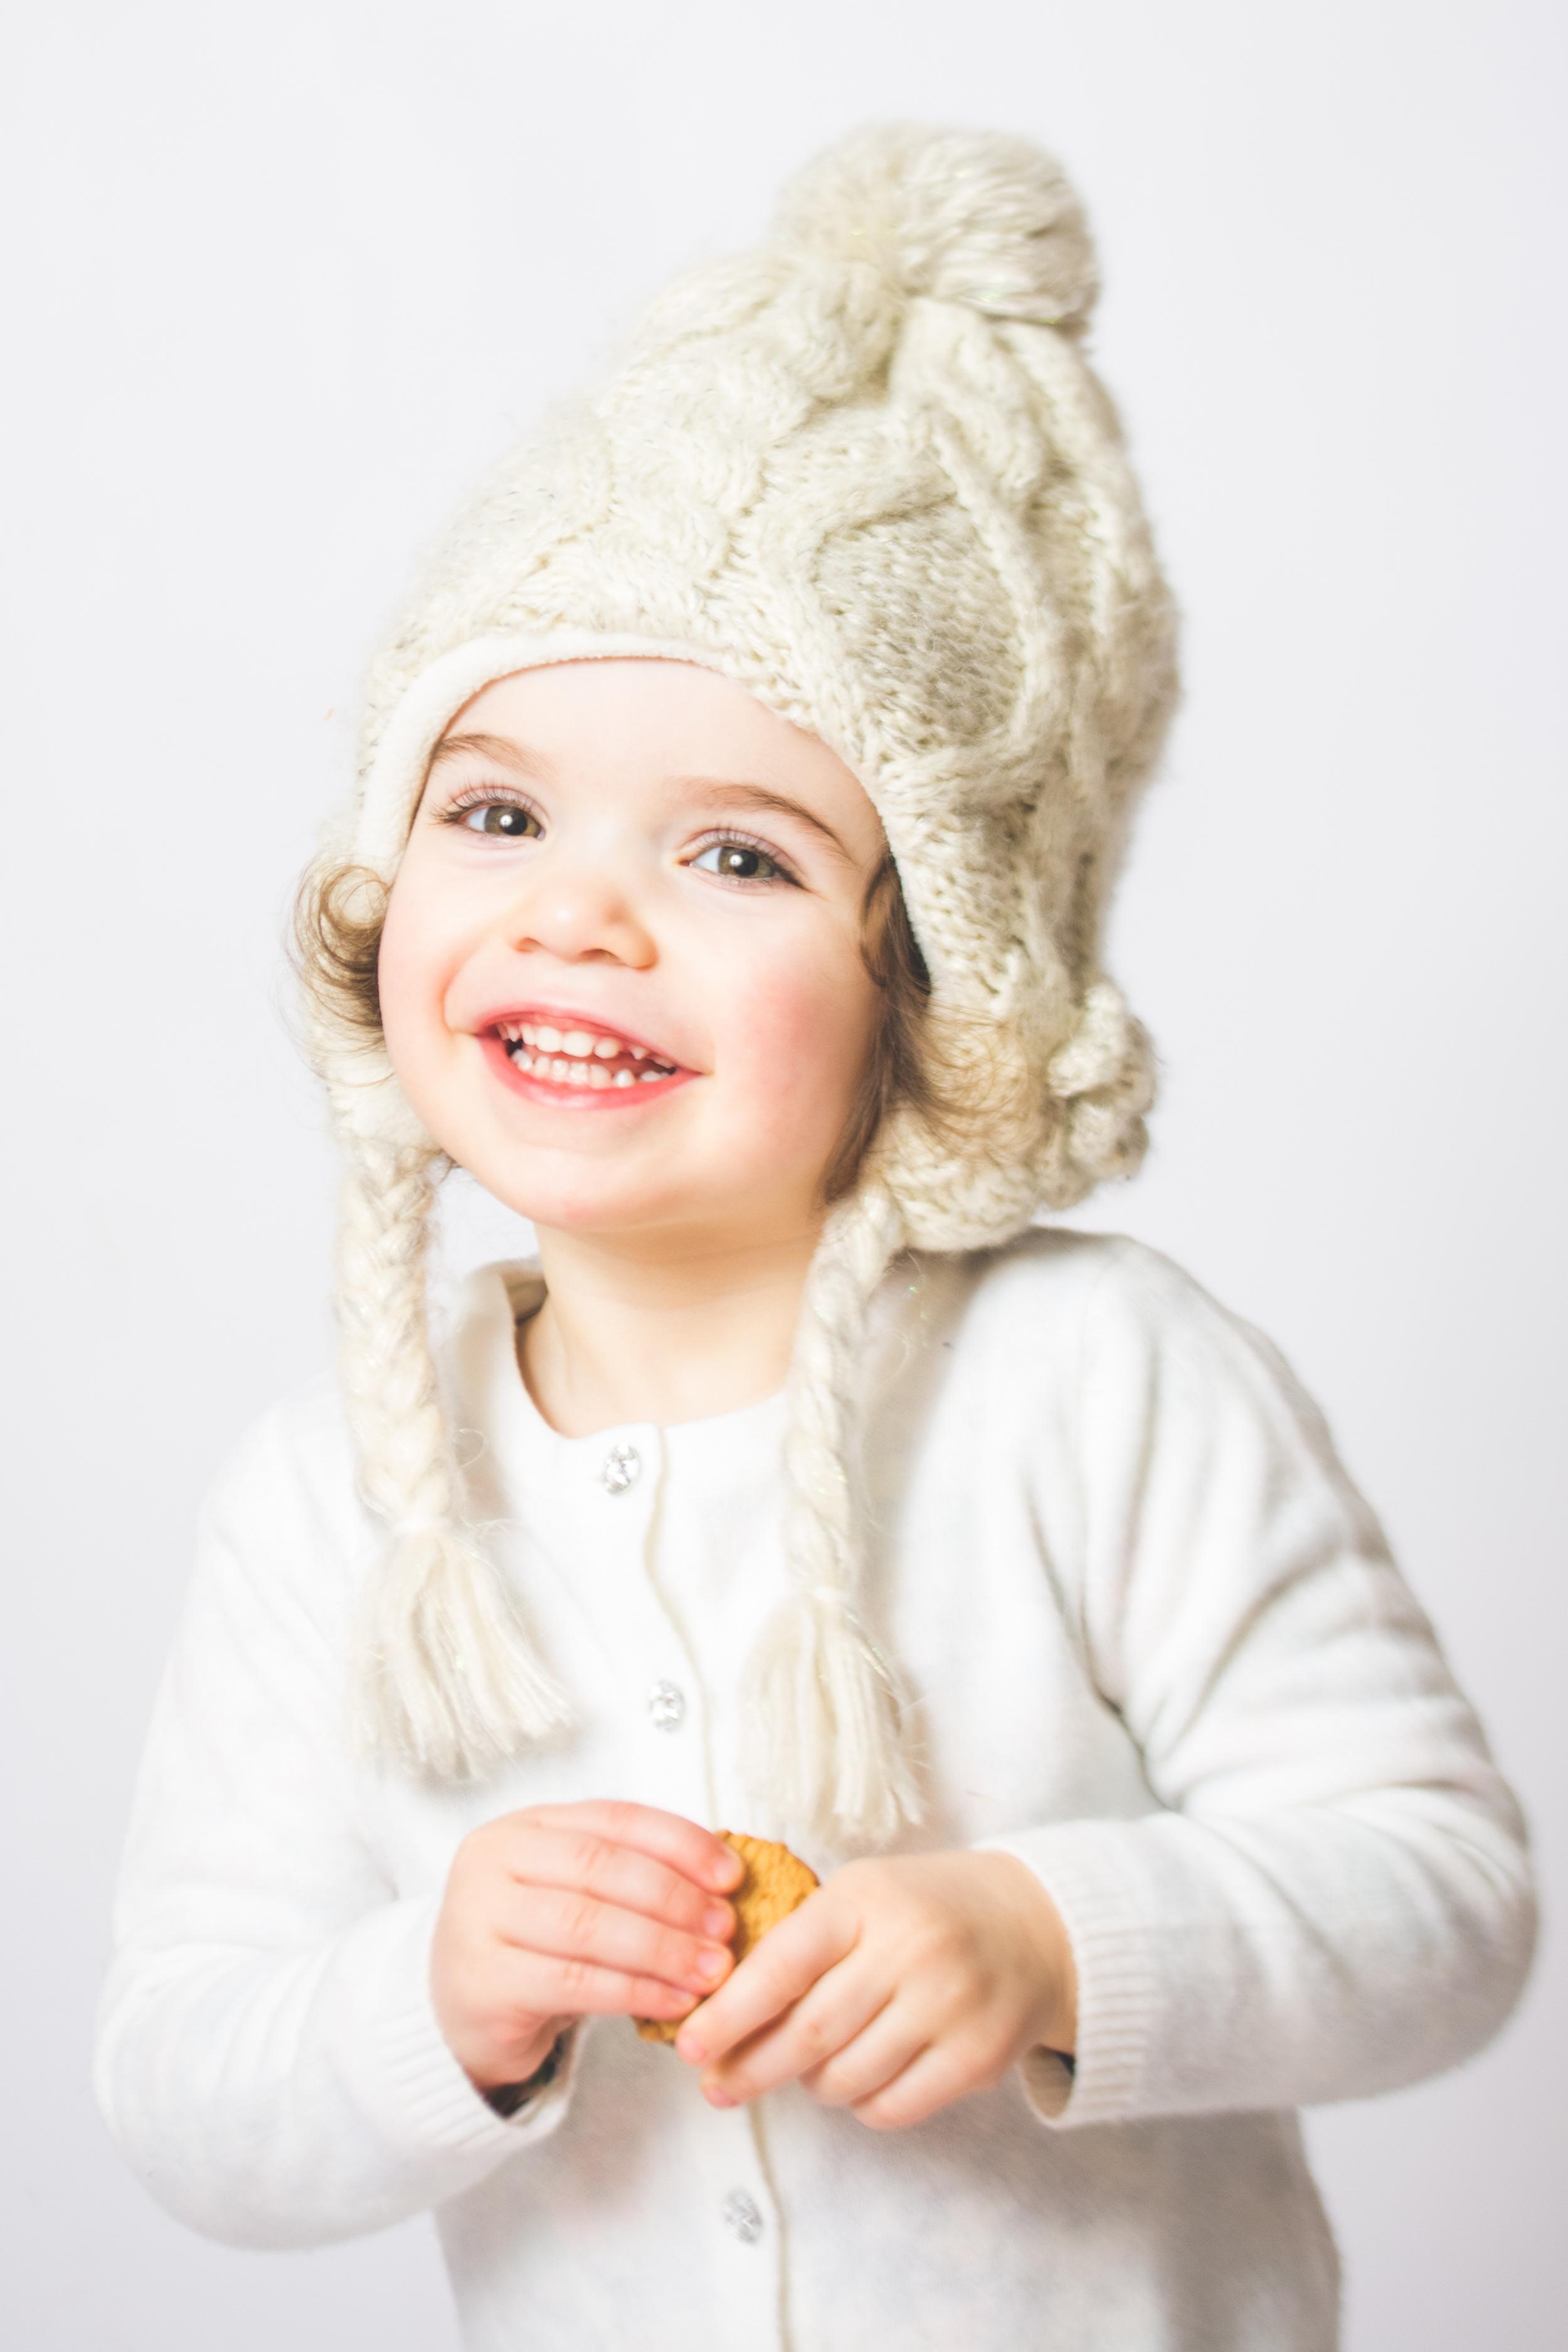 photo-family-toddler-baby-newborn-crewe-nantwich-cheshire